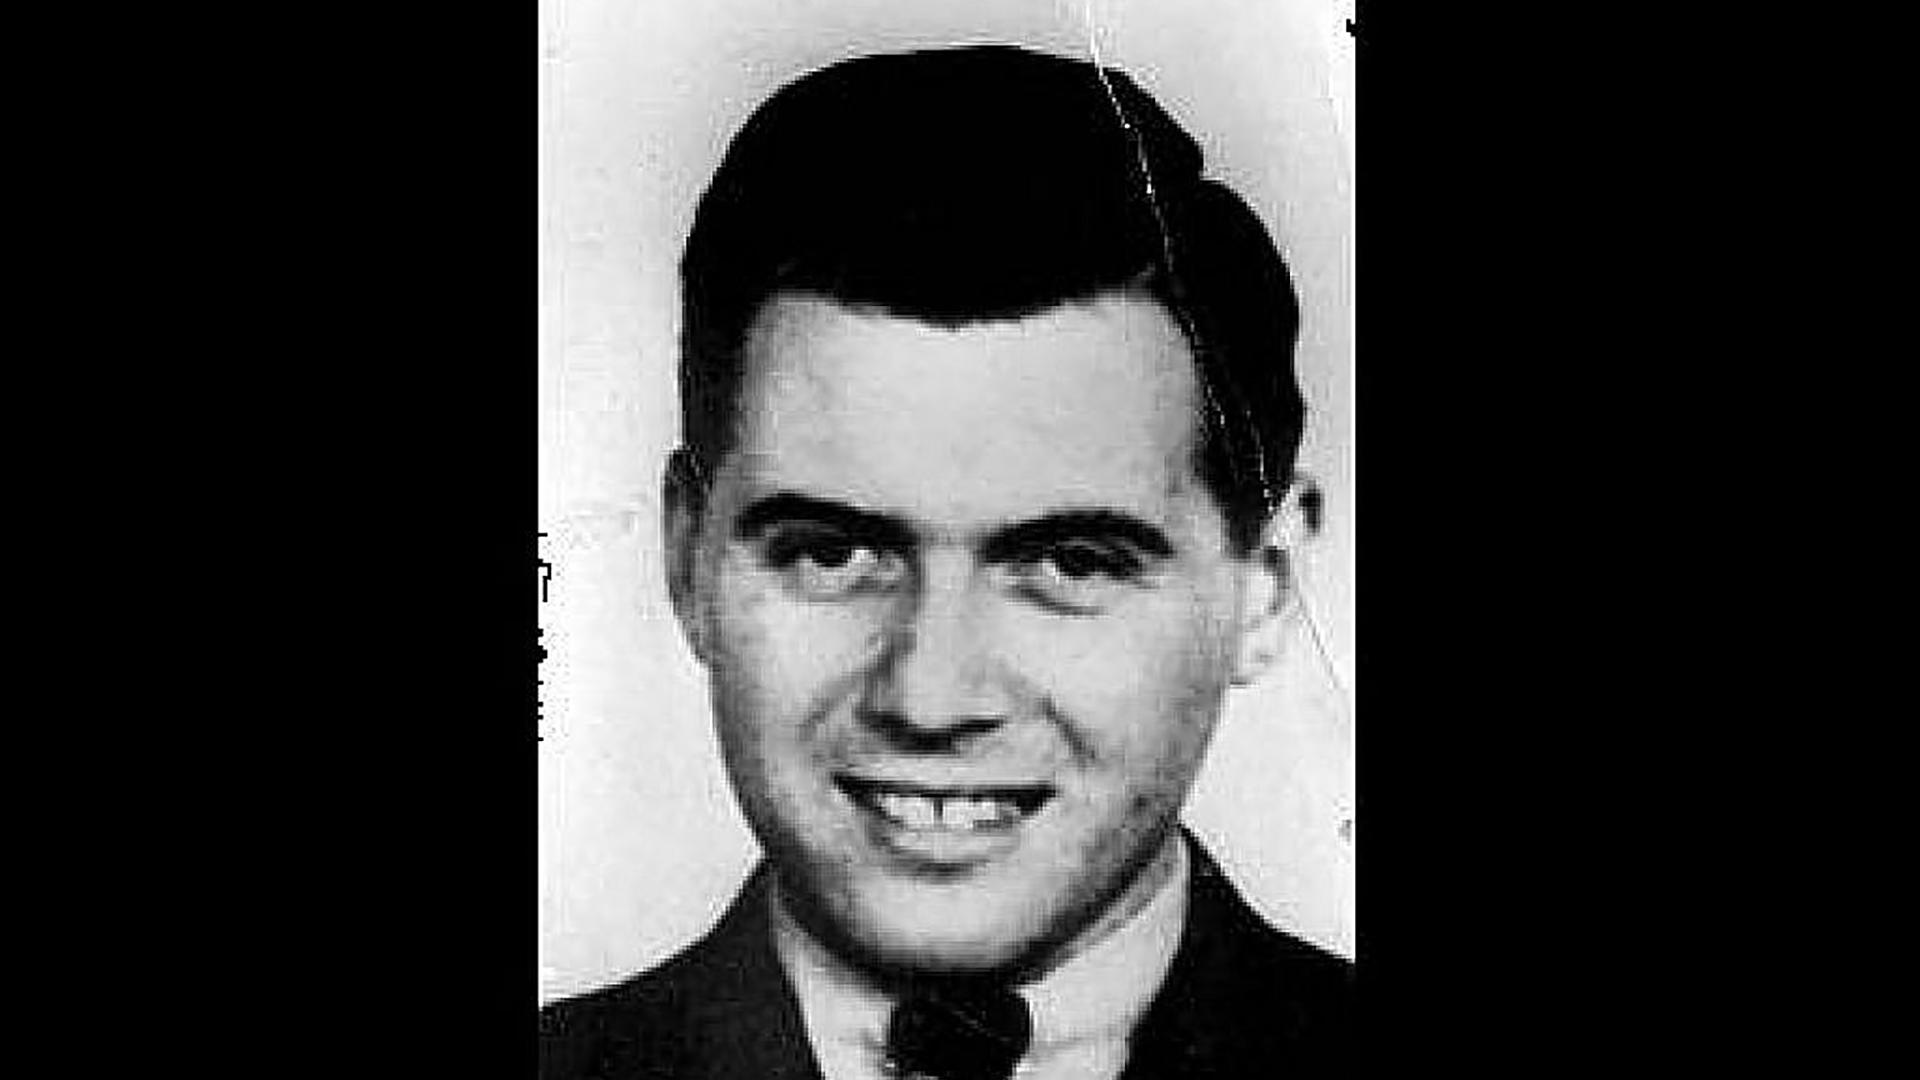 Josef Mengele, uno de los criminales nazis que se refugiaron en Argentina